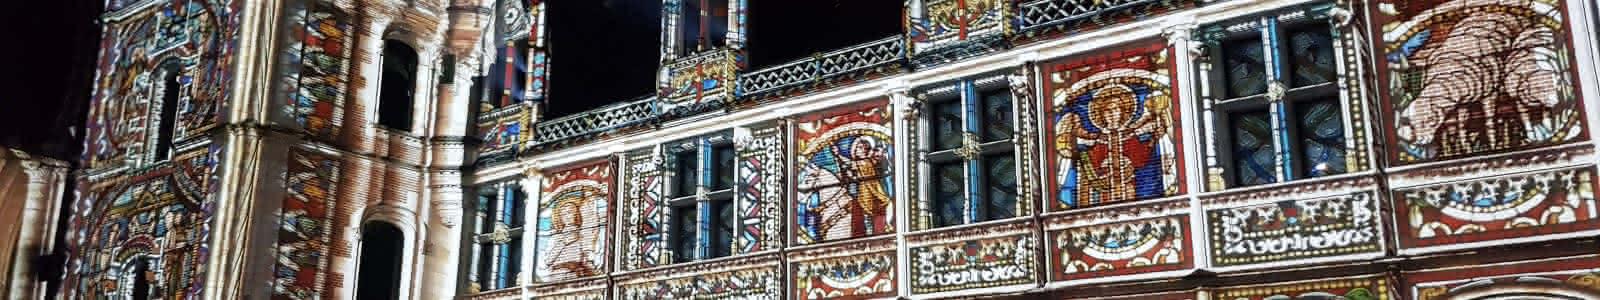 Son et Lumiere au chateau royal de Blois (c) F. LEGUERE (58)